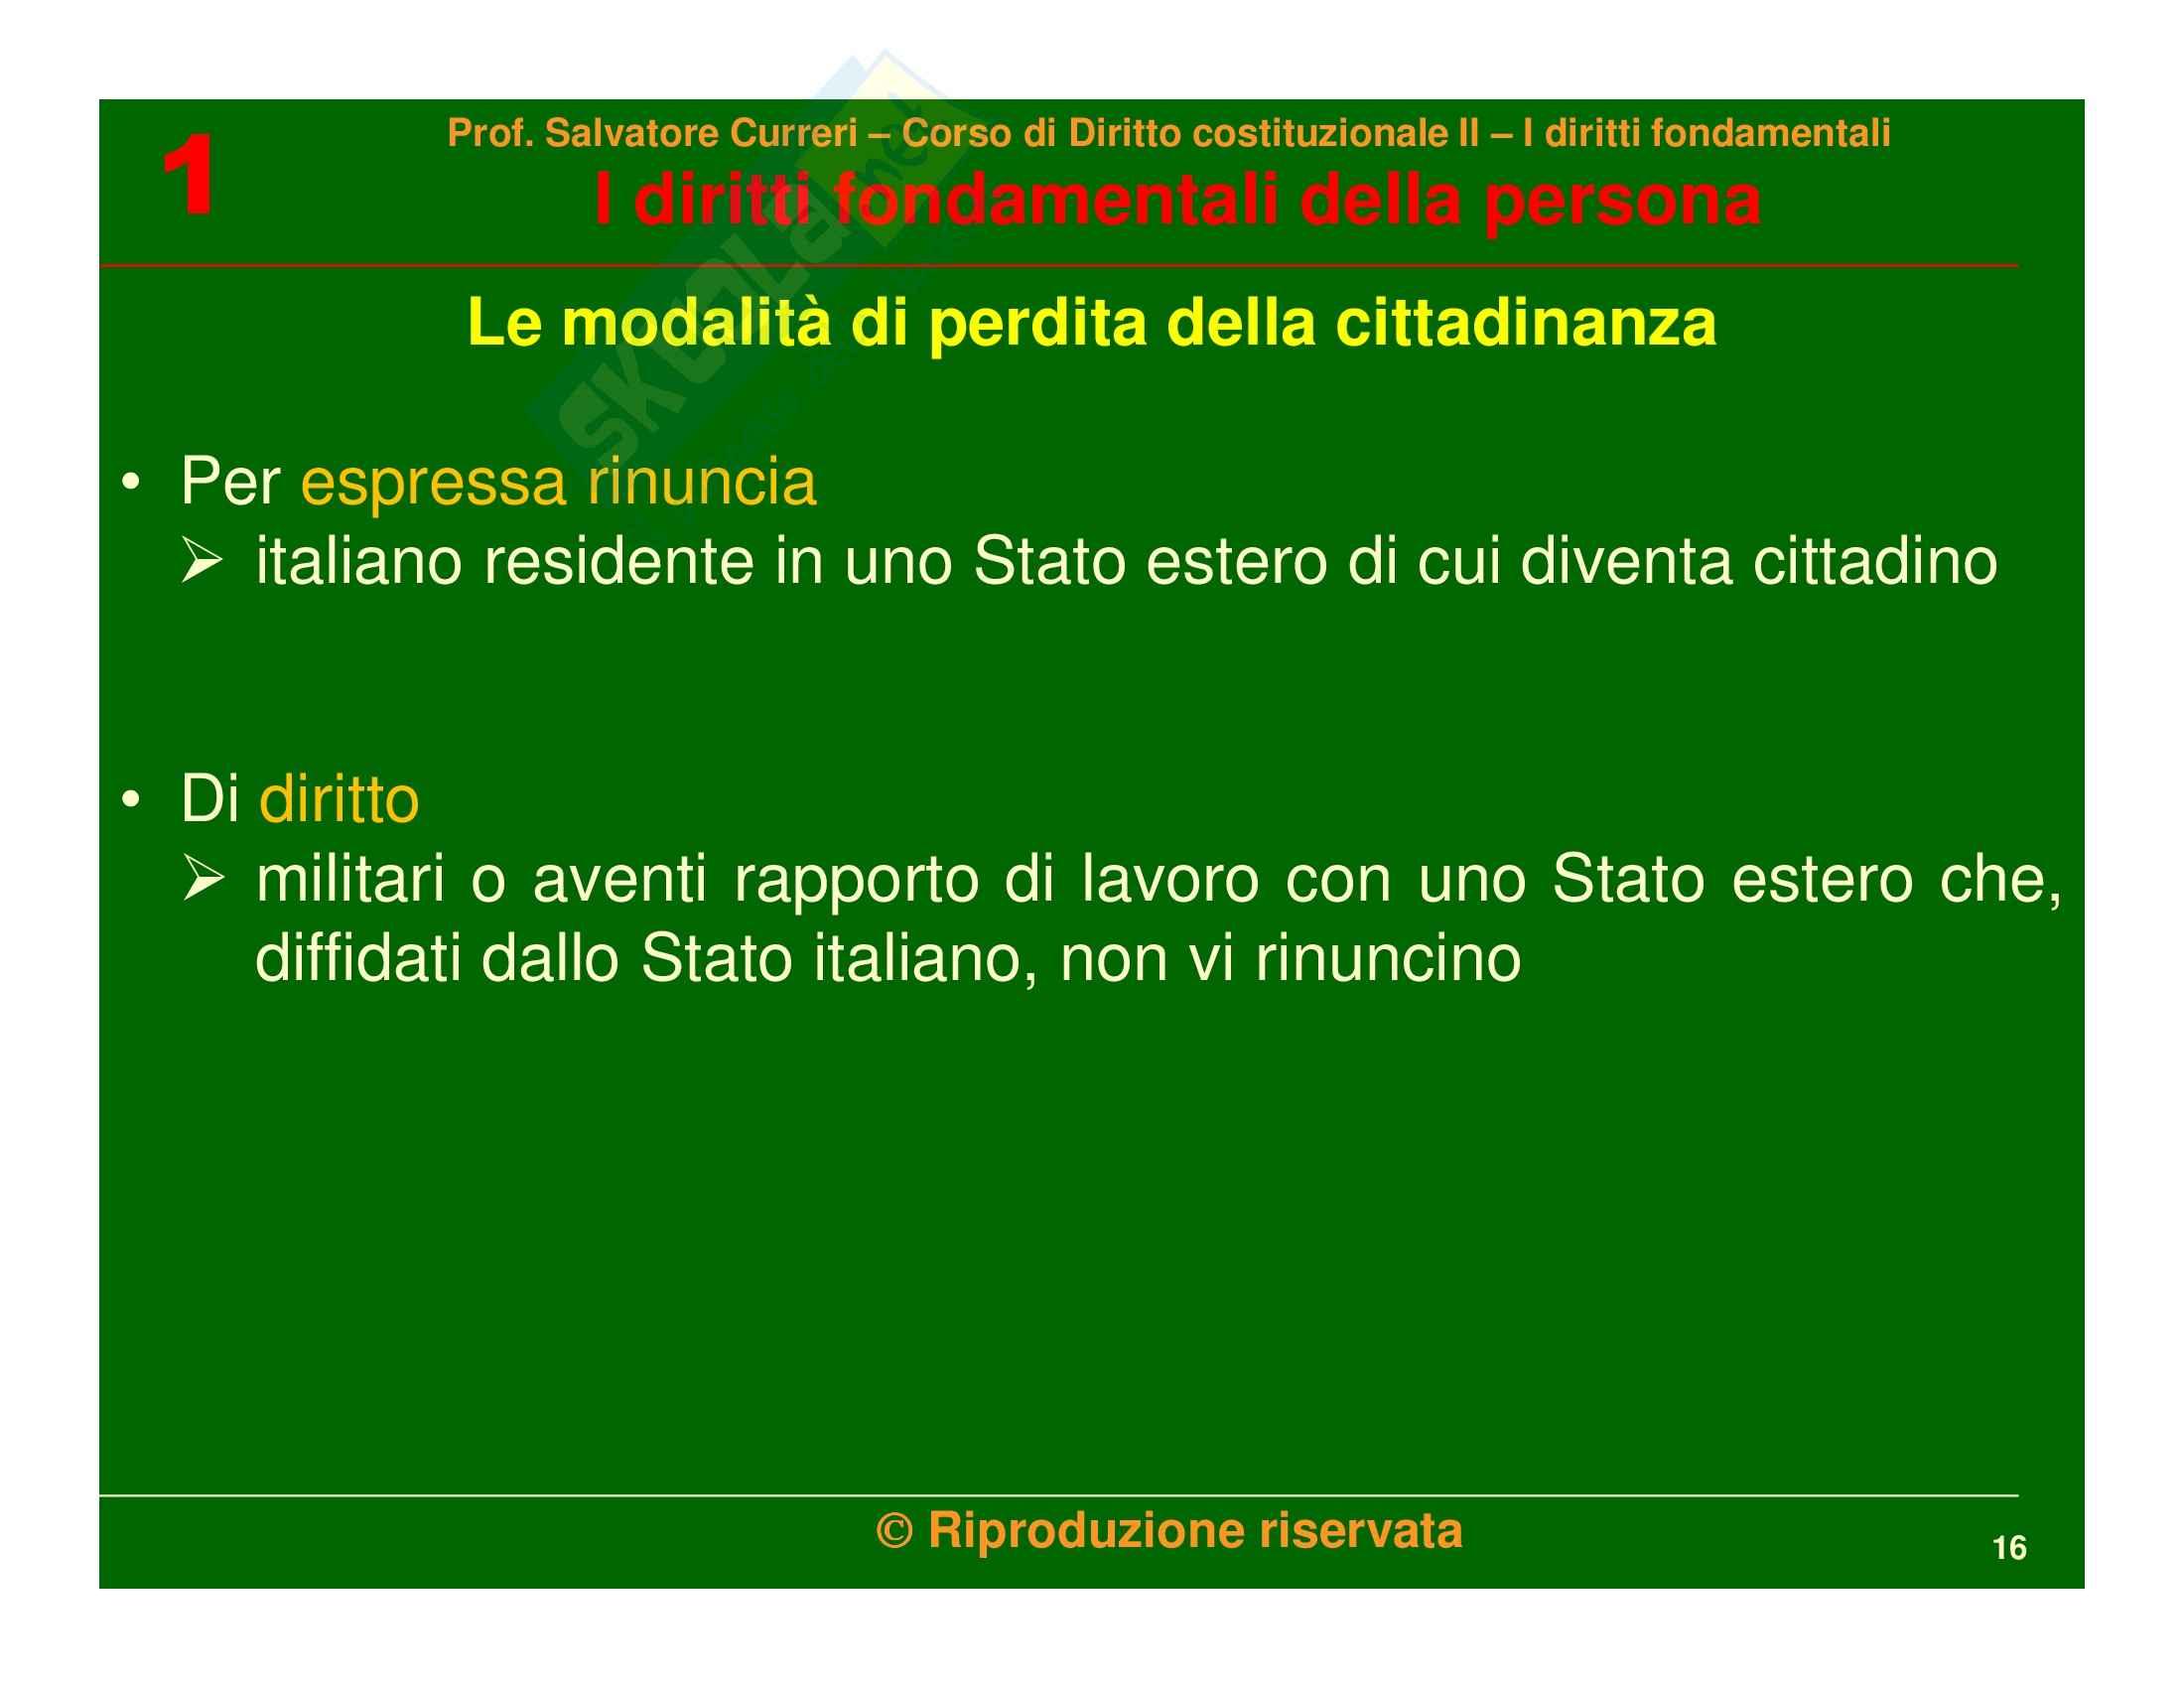 Diritto costituzionale - i diritti fondamentali della persona Pag. 16